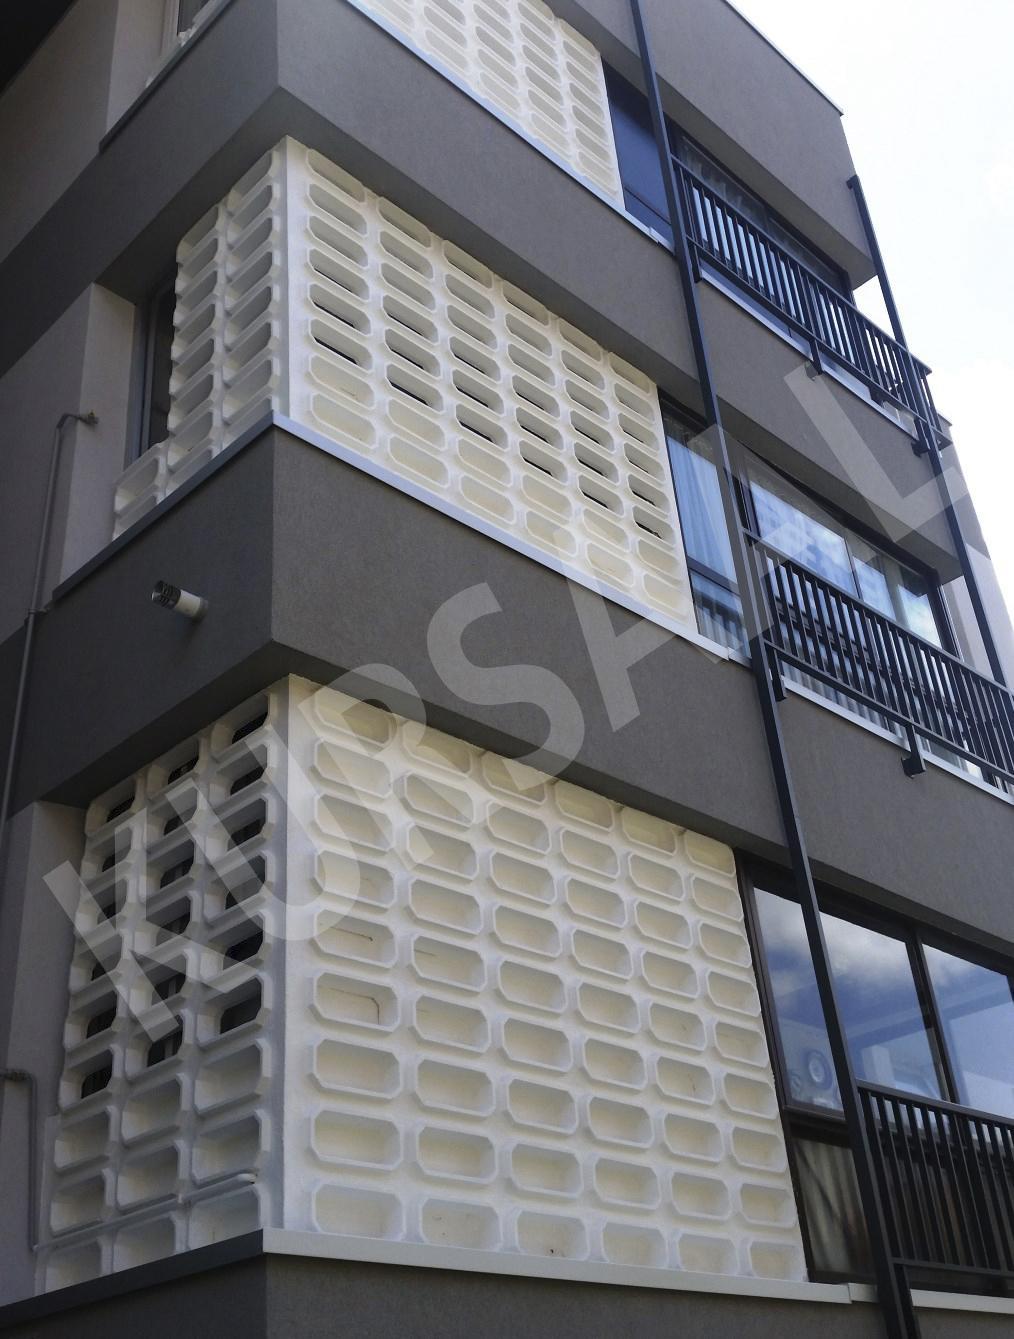 foto 7 - Aislamientos Térmicos y Eficiencia Energética-Belizalde 21-Donostia